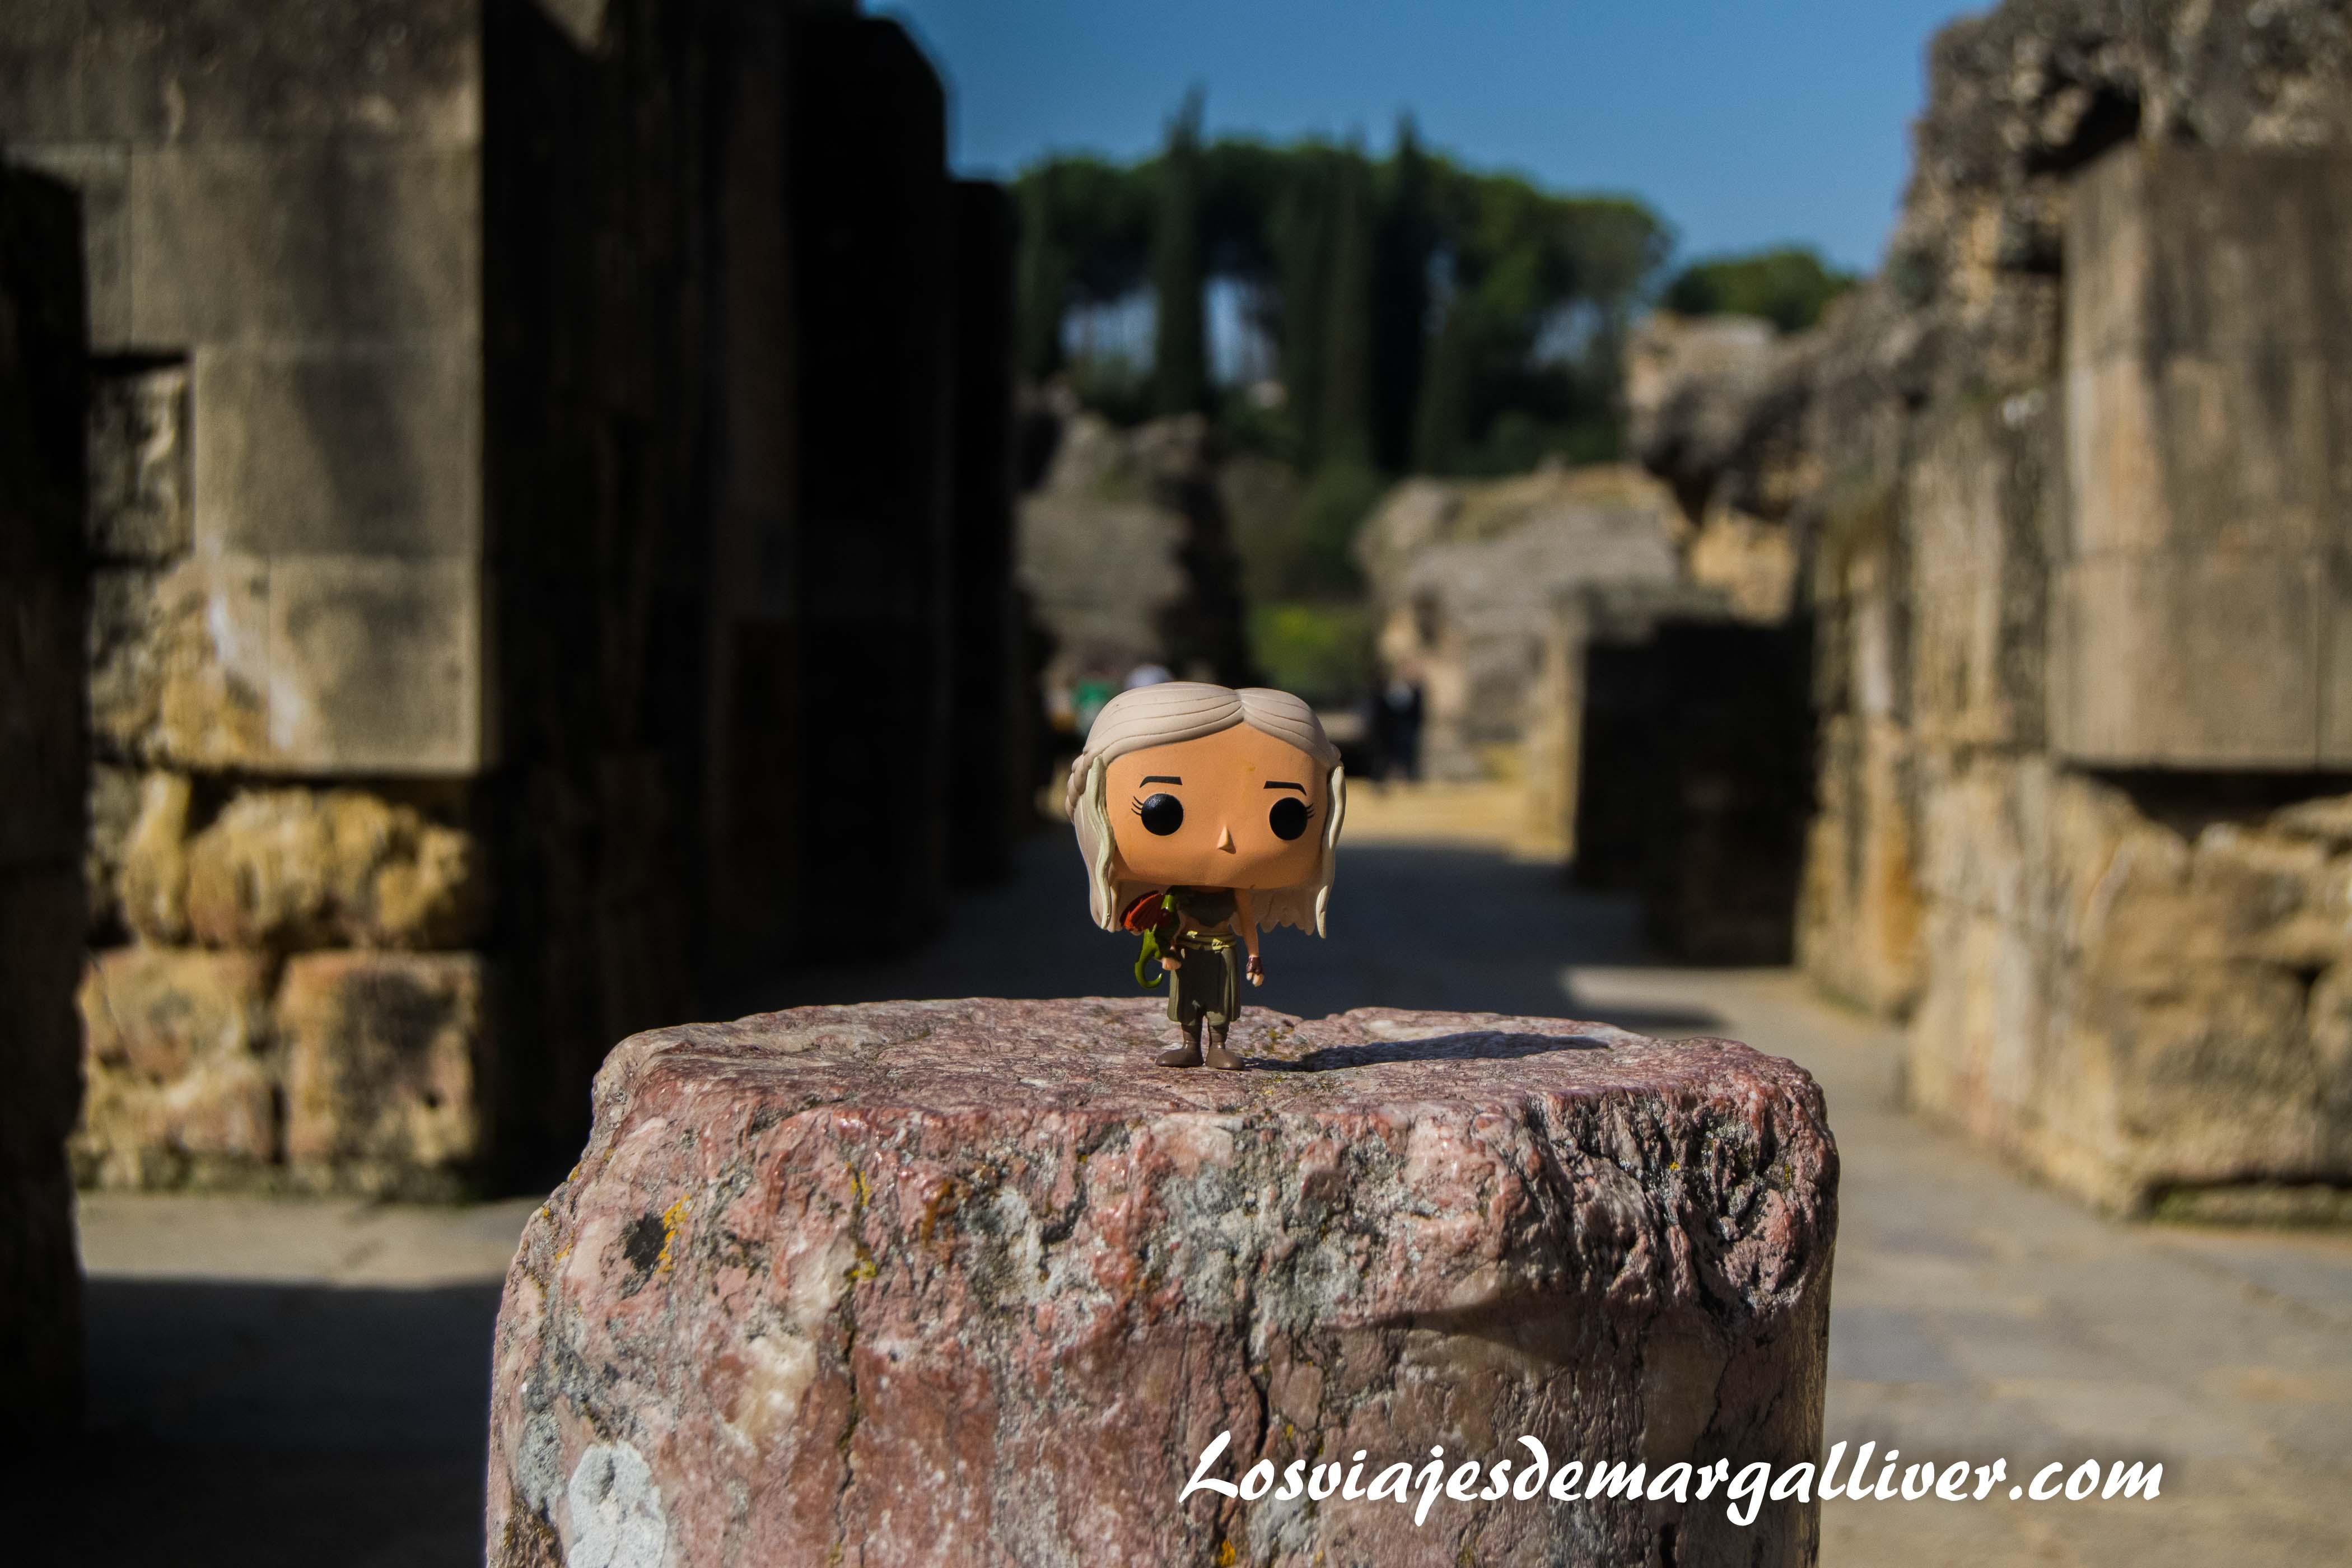 Daenerys en el anfiteatro de Italica en la ruta de Juego de Tronos - Los viajes de Margalliver